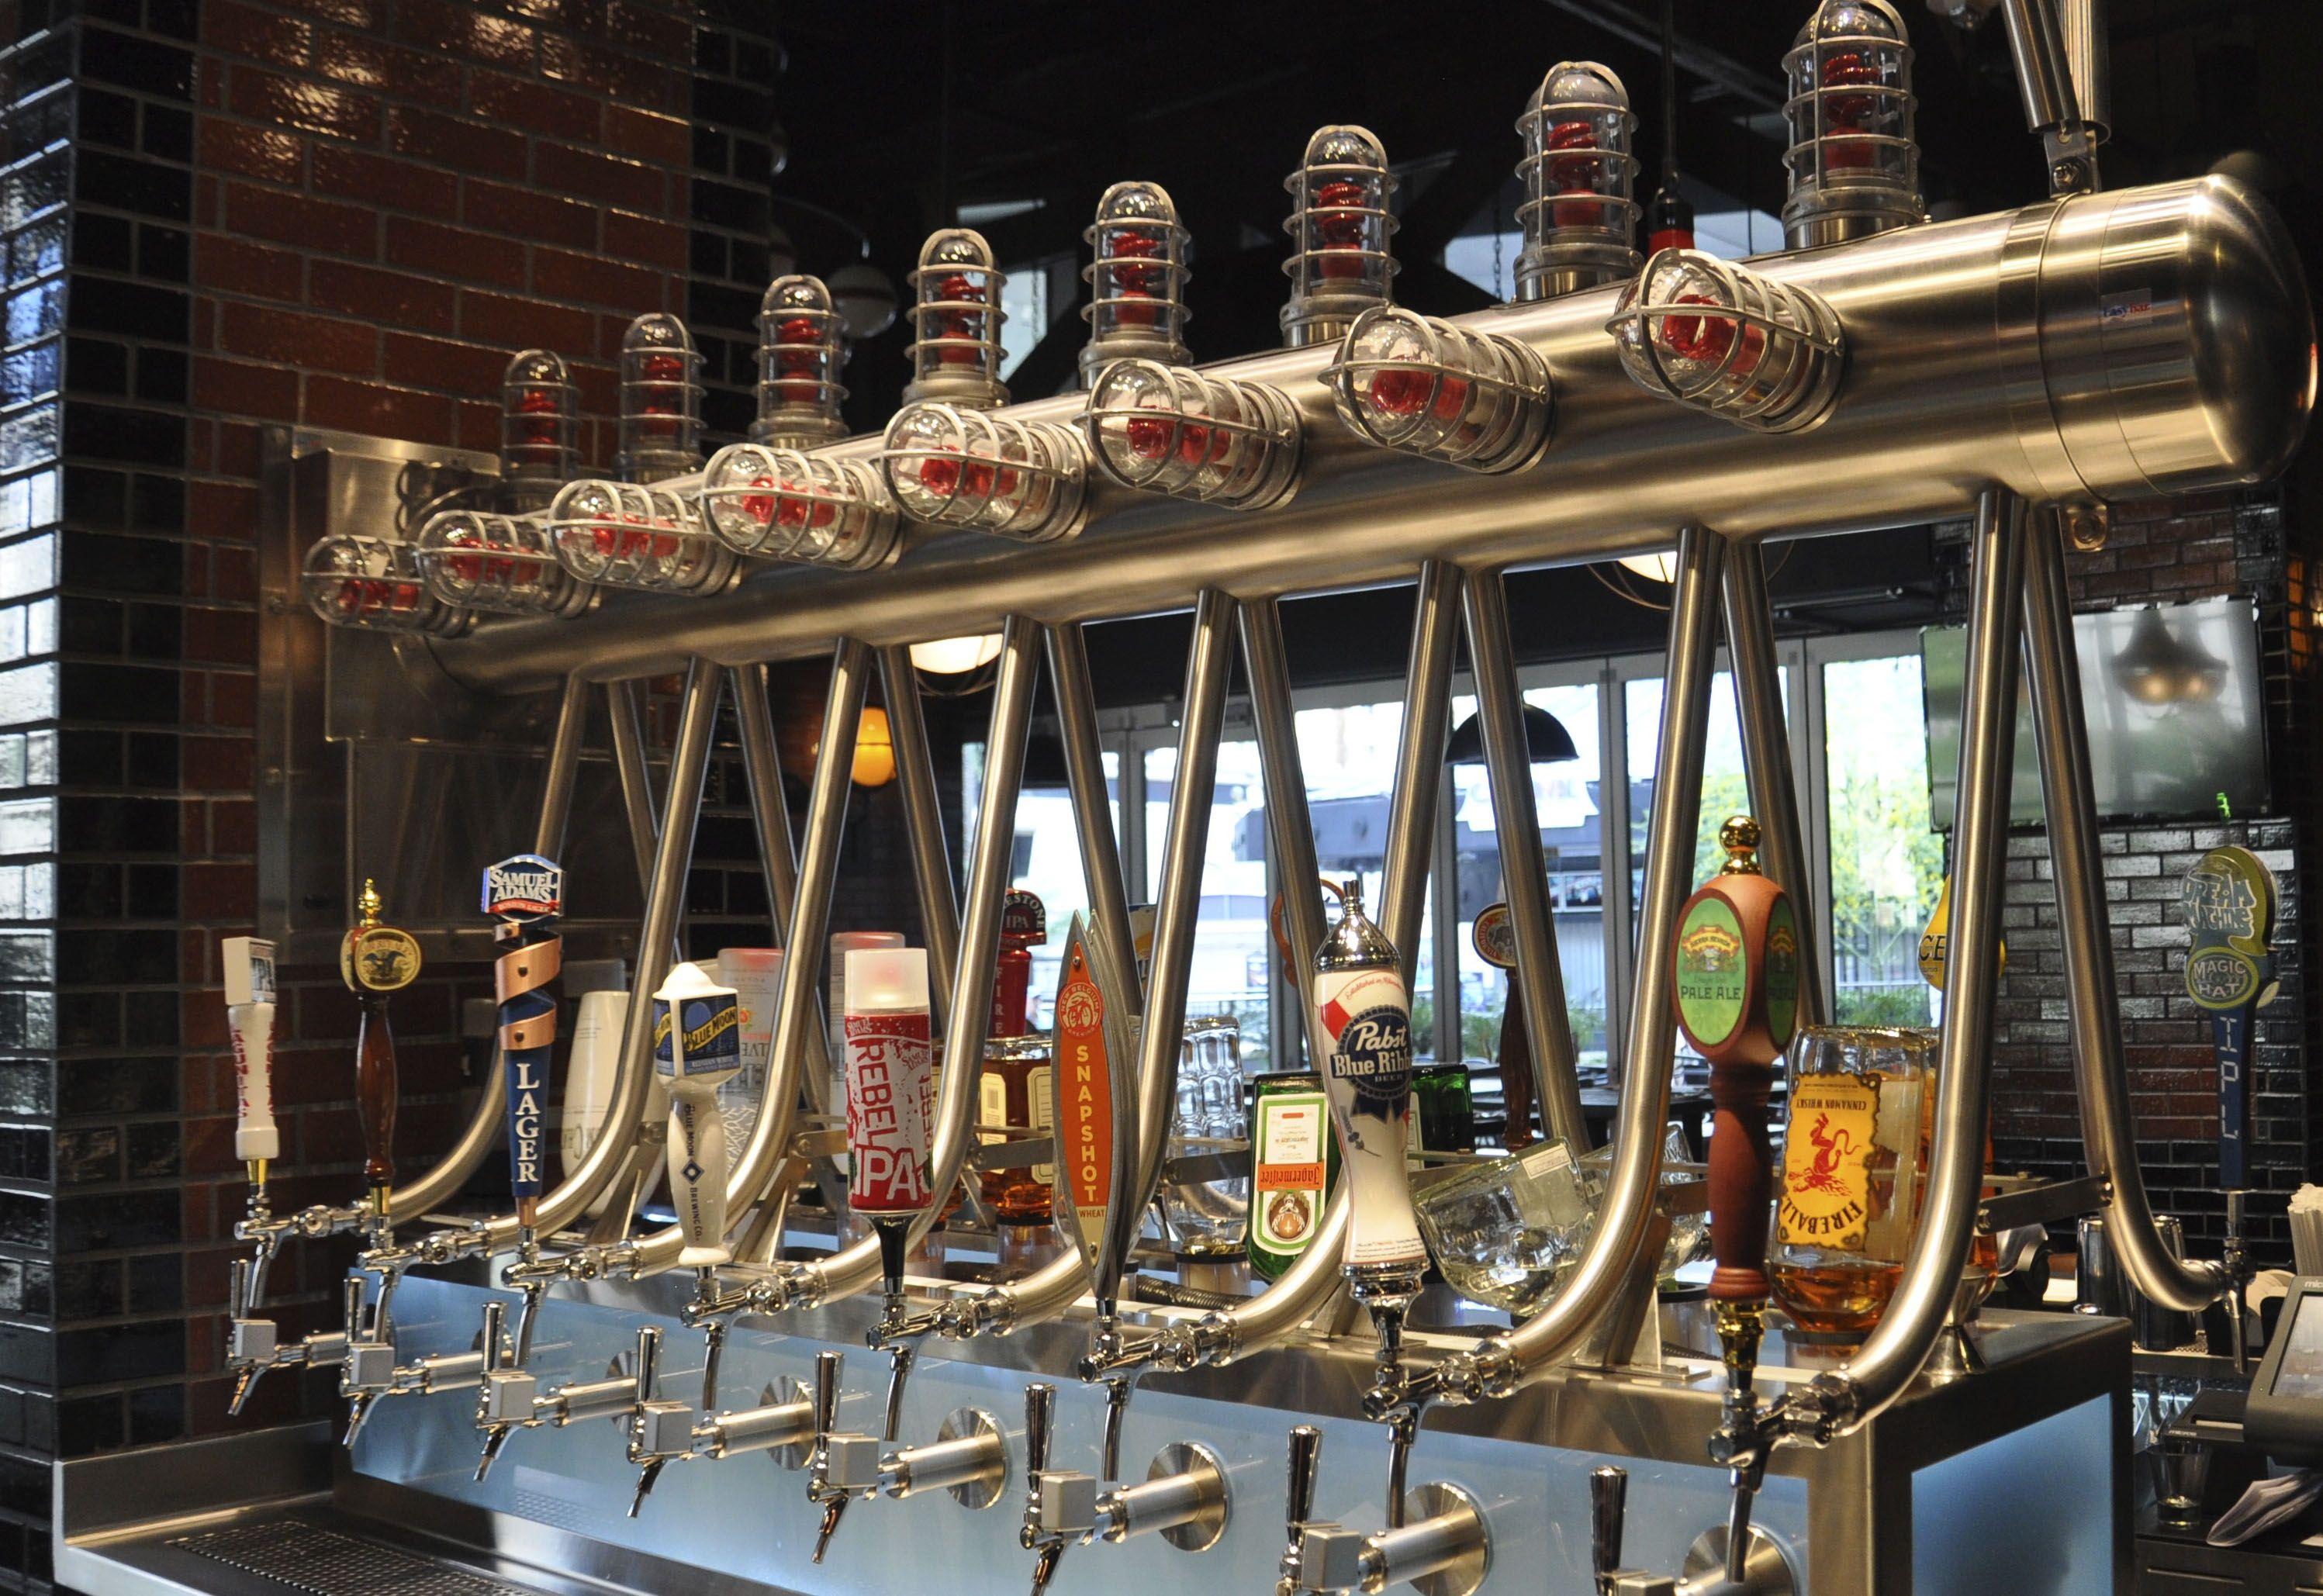 Custom Draft Beer Tower Installed At Guy Fieri S Vegas Kitchen And Bar Draft Beer Tower Beer Tower Draft Beer